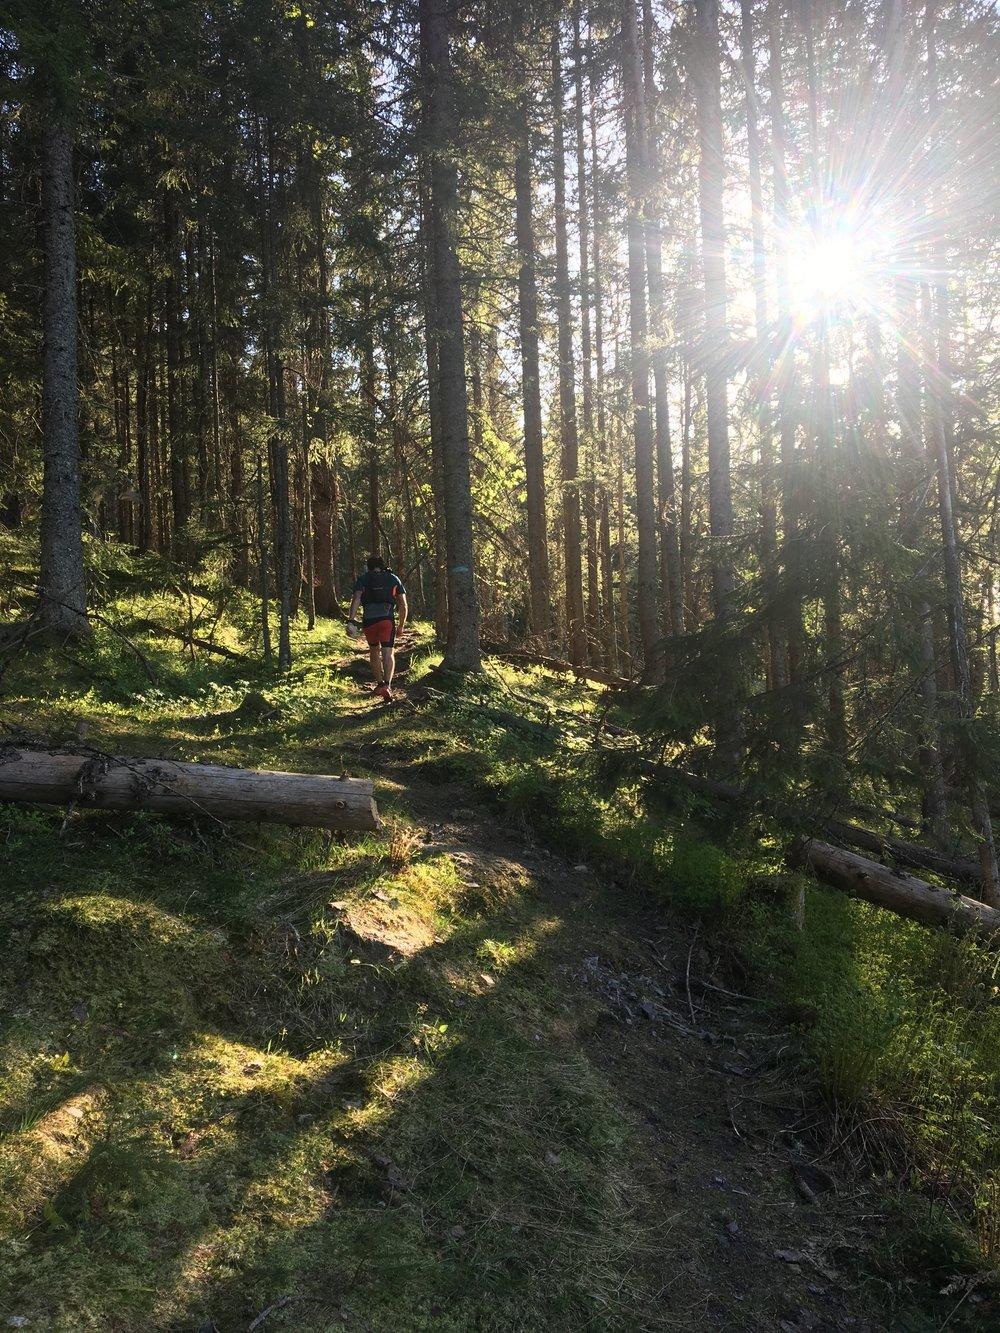 En av de mange stiperlene vi løper gjennom 🏞✨🍃🌲🌳Jeg tror Mona og Einar har kost seg masse med å stikke ut ruten til SMVE 😊